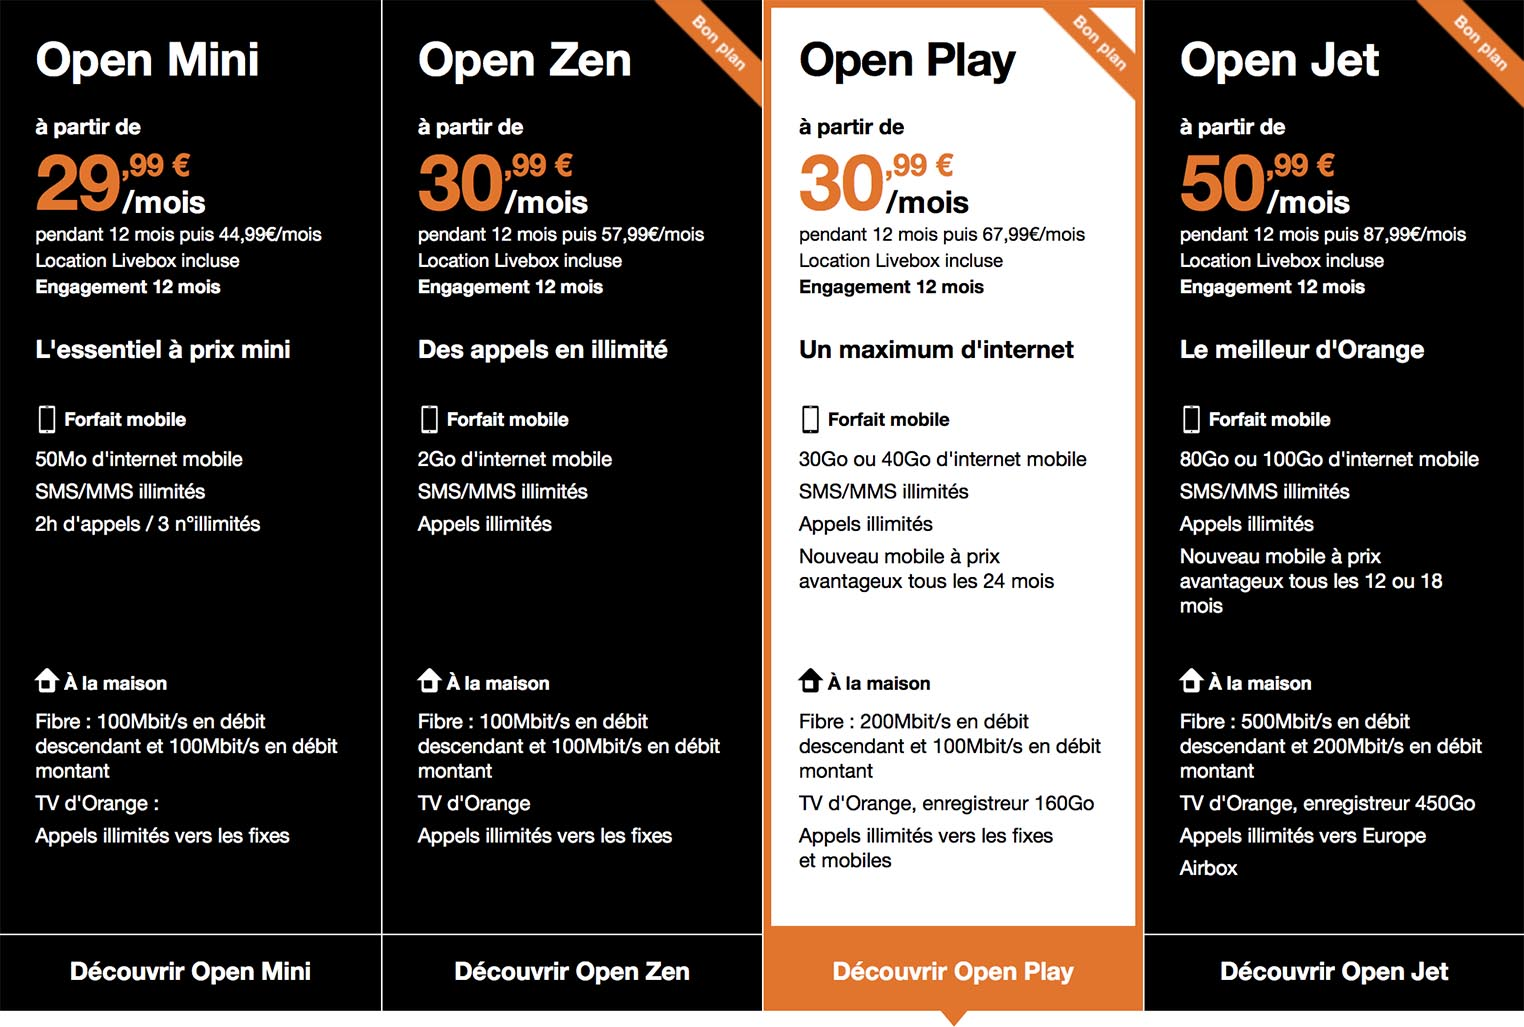 Orange promo Open Play